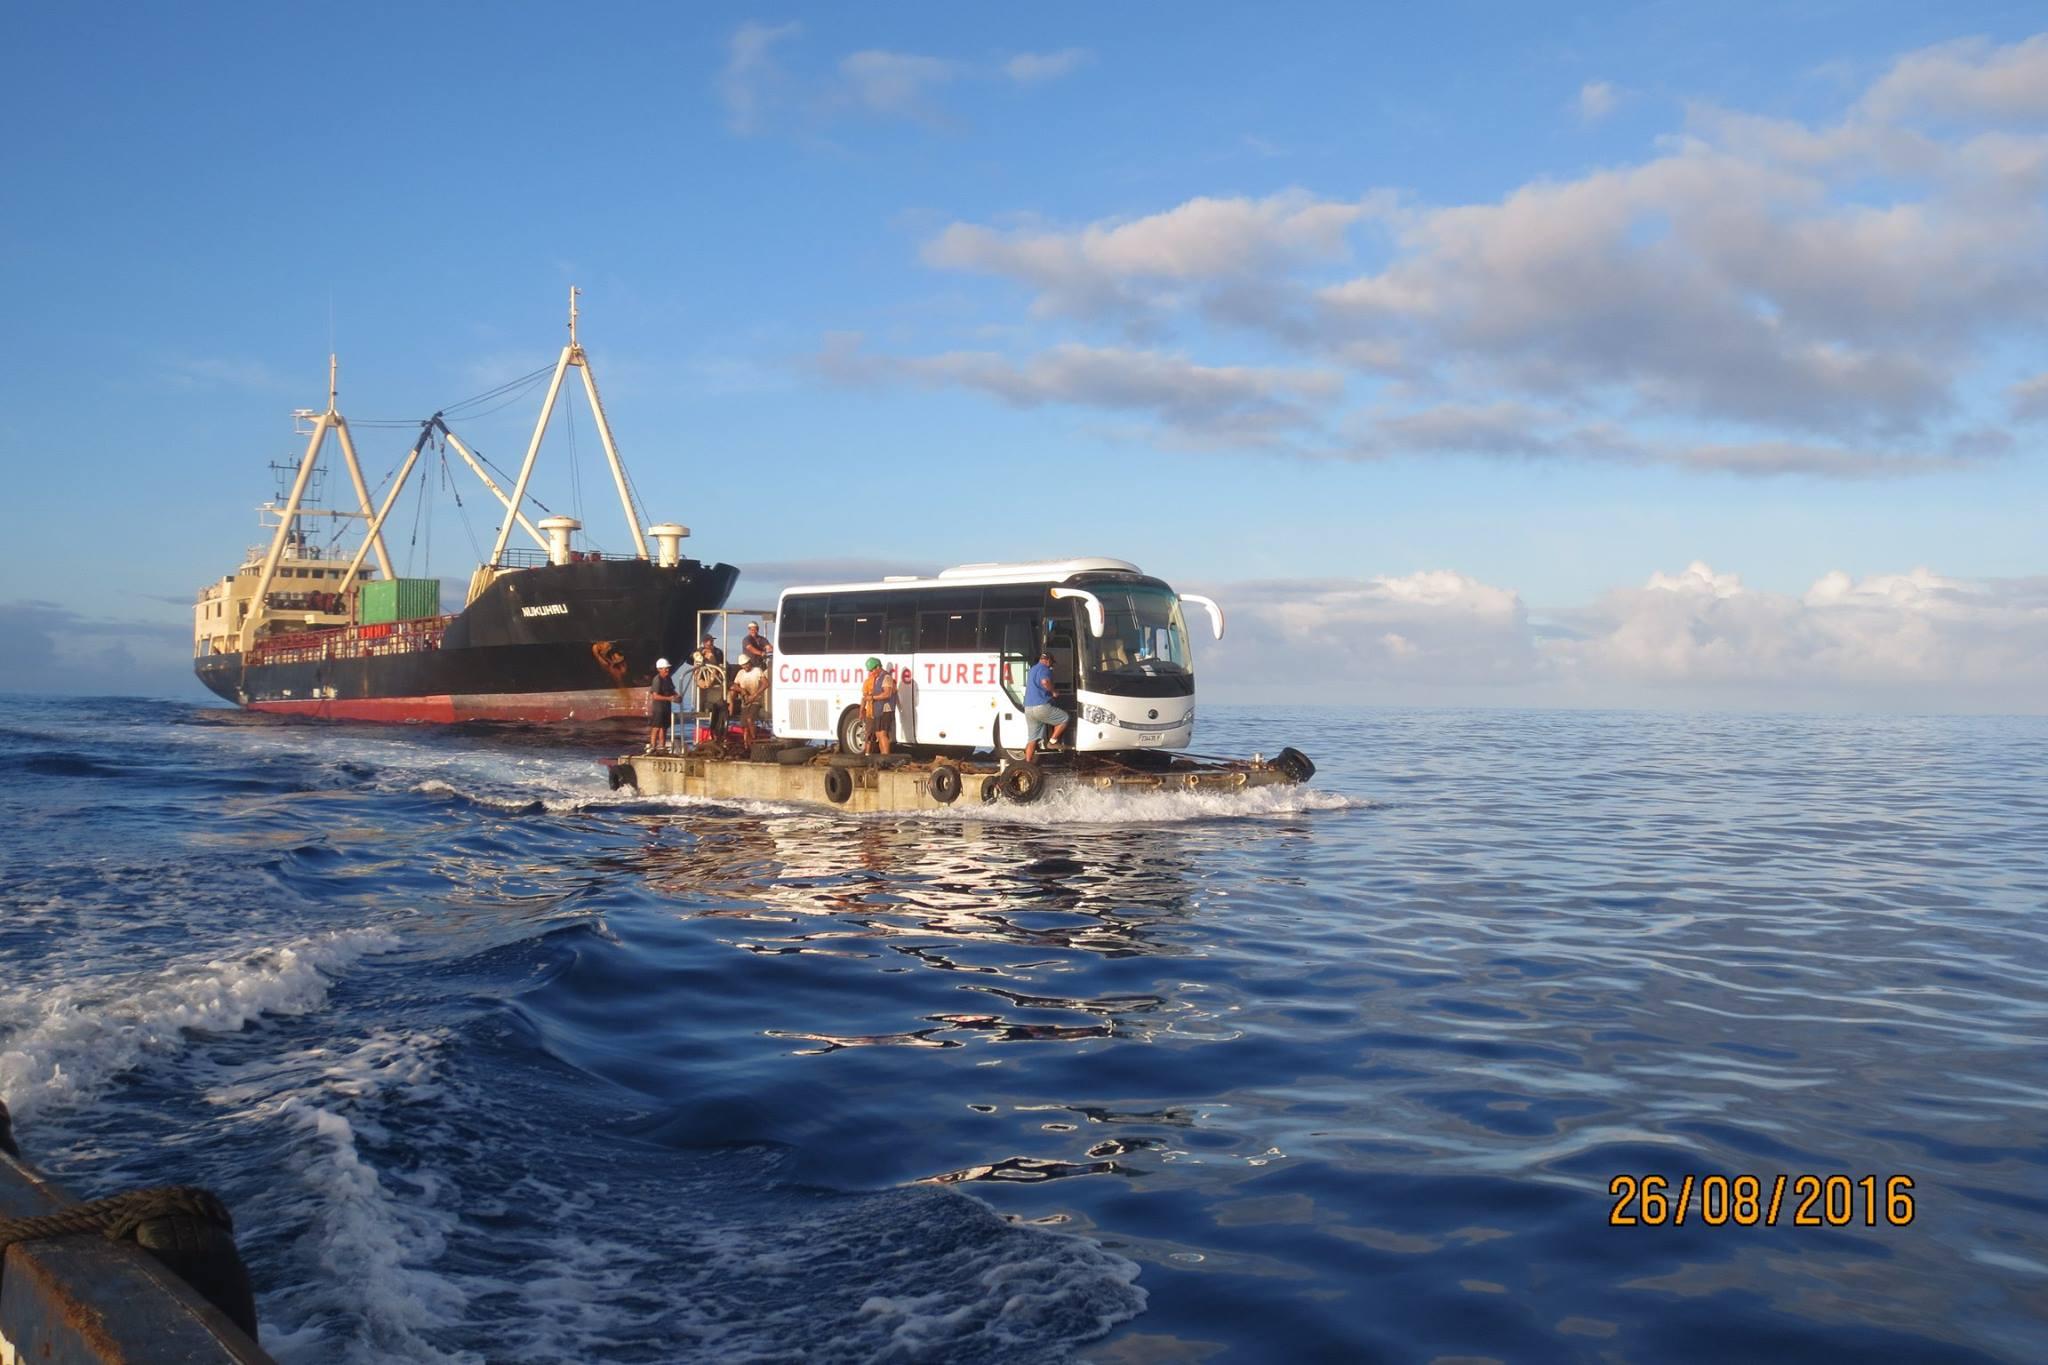 Un nouveau bus scolaire pour l'atoll de Tureia